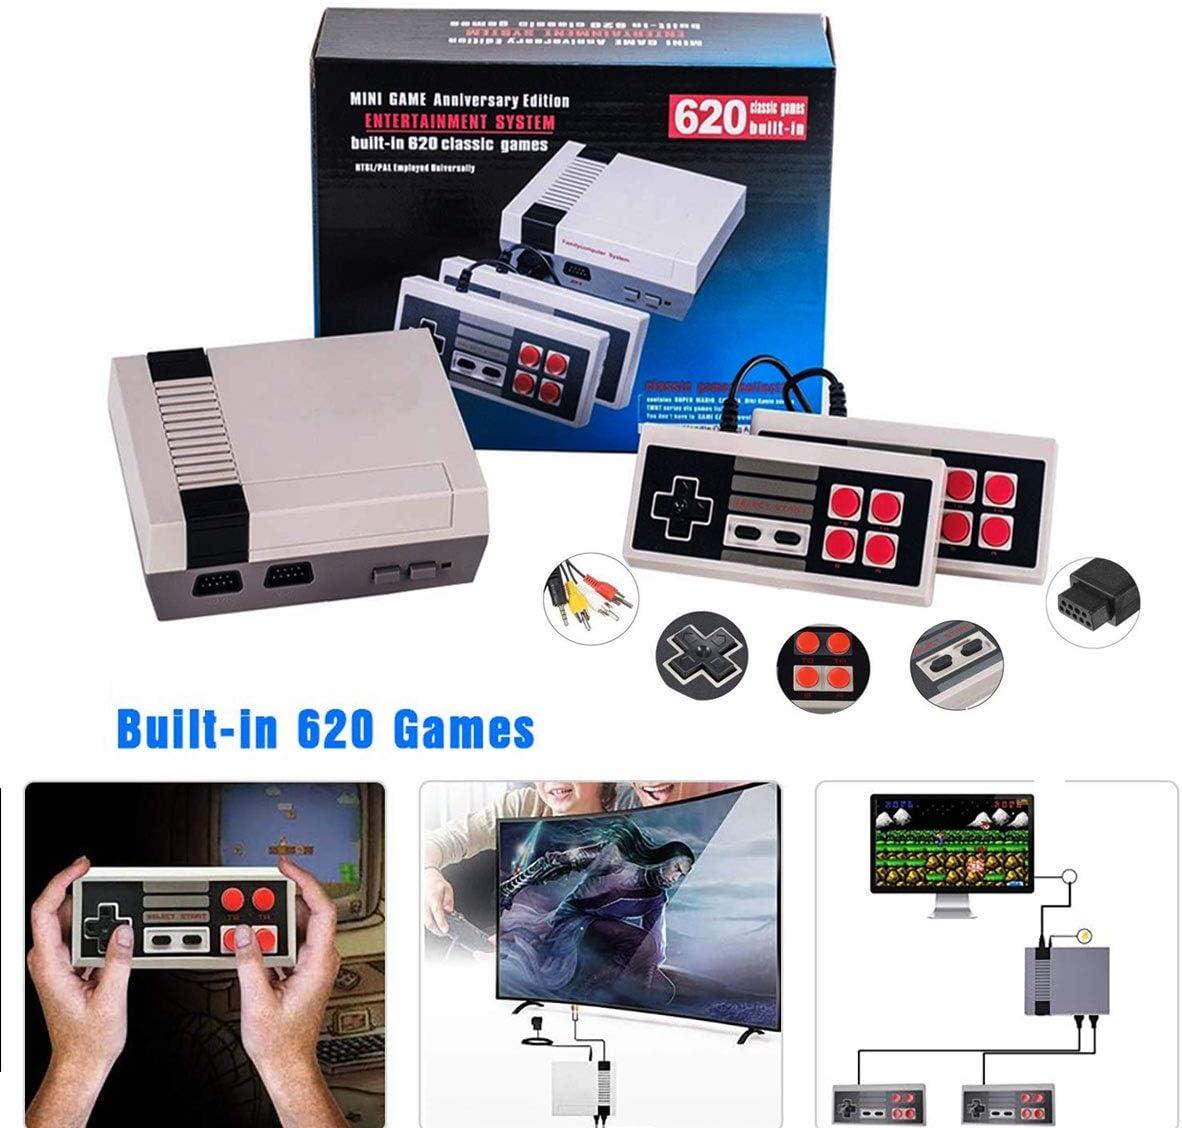 Consola de juegos retro Mini consola clásica Reproductor de juegos de TV Consola de juegos familiar, juegos incorporados de alta calidad 620, trae recuerdos felices de la infancia: Amazon.es: Videojuegos